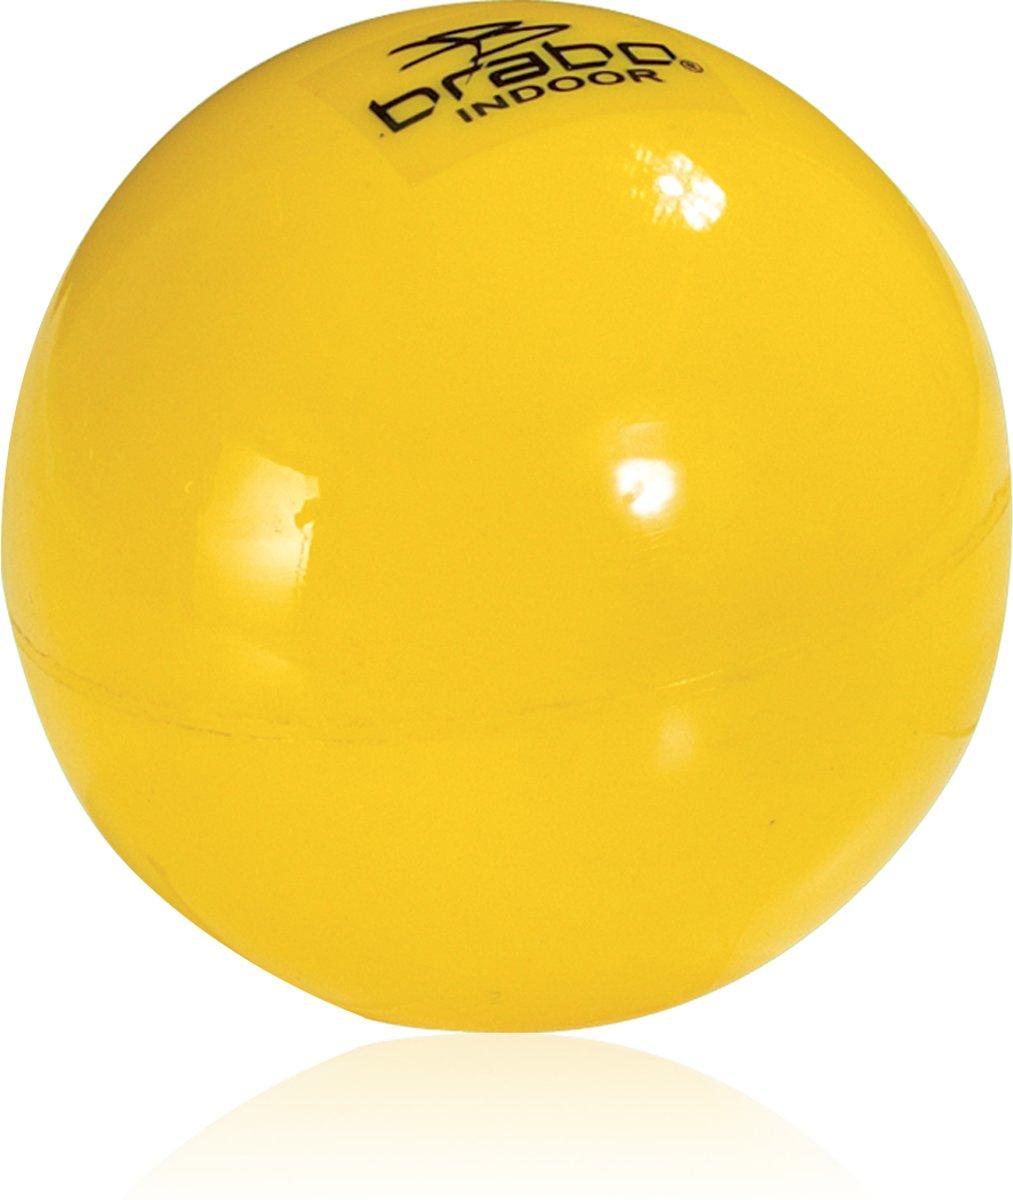 Brabo BB3030 Indoor - Zaalhockeybal - Geel kopen